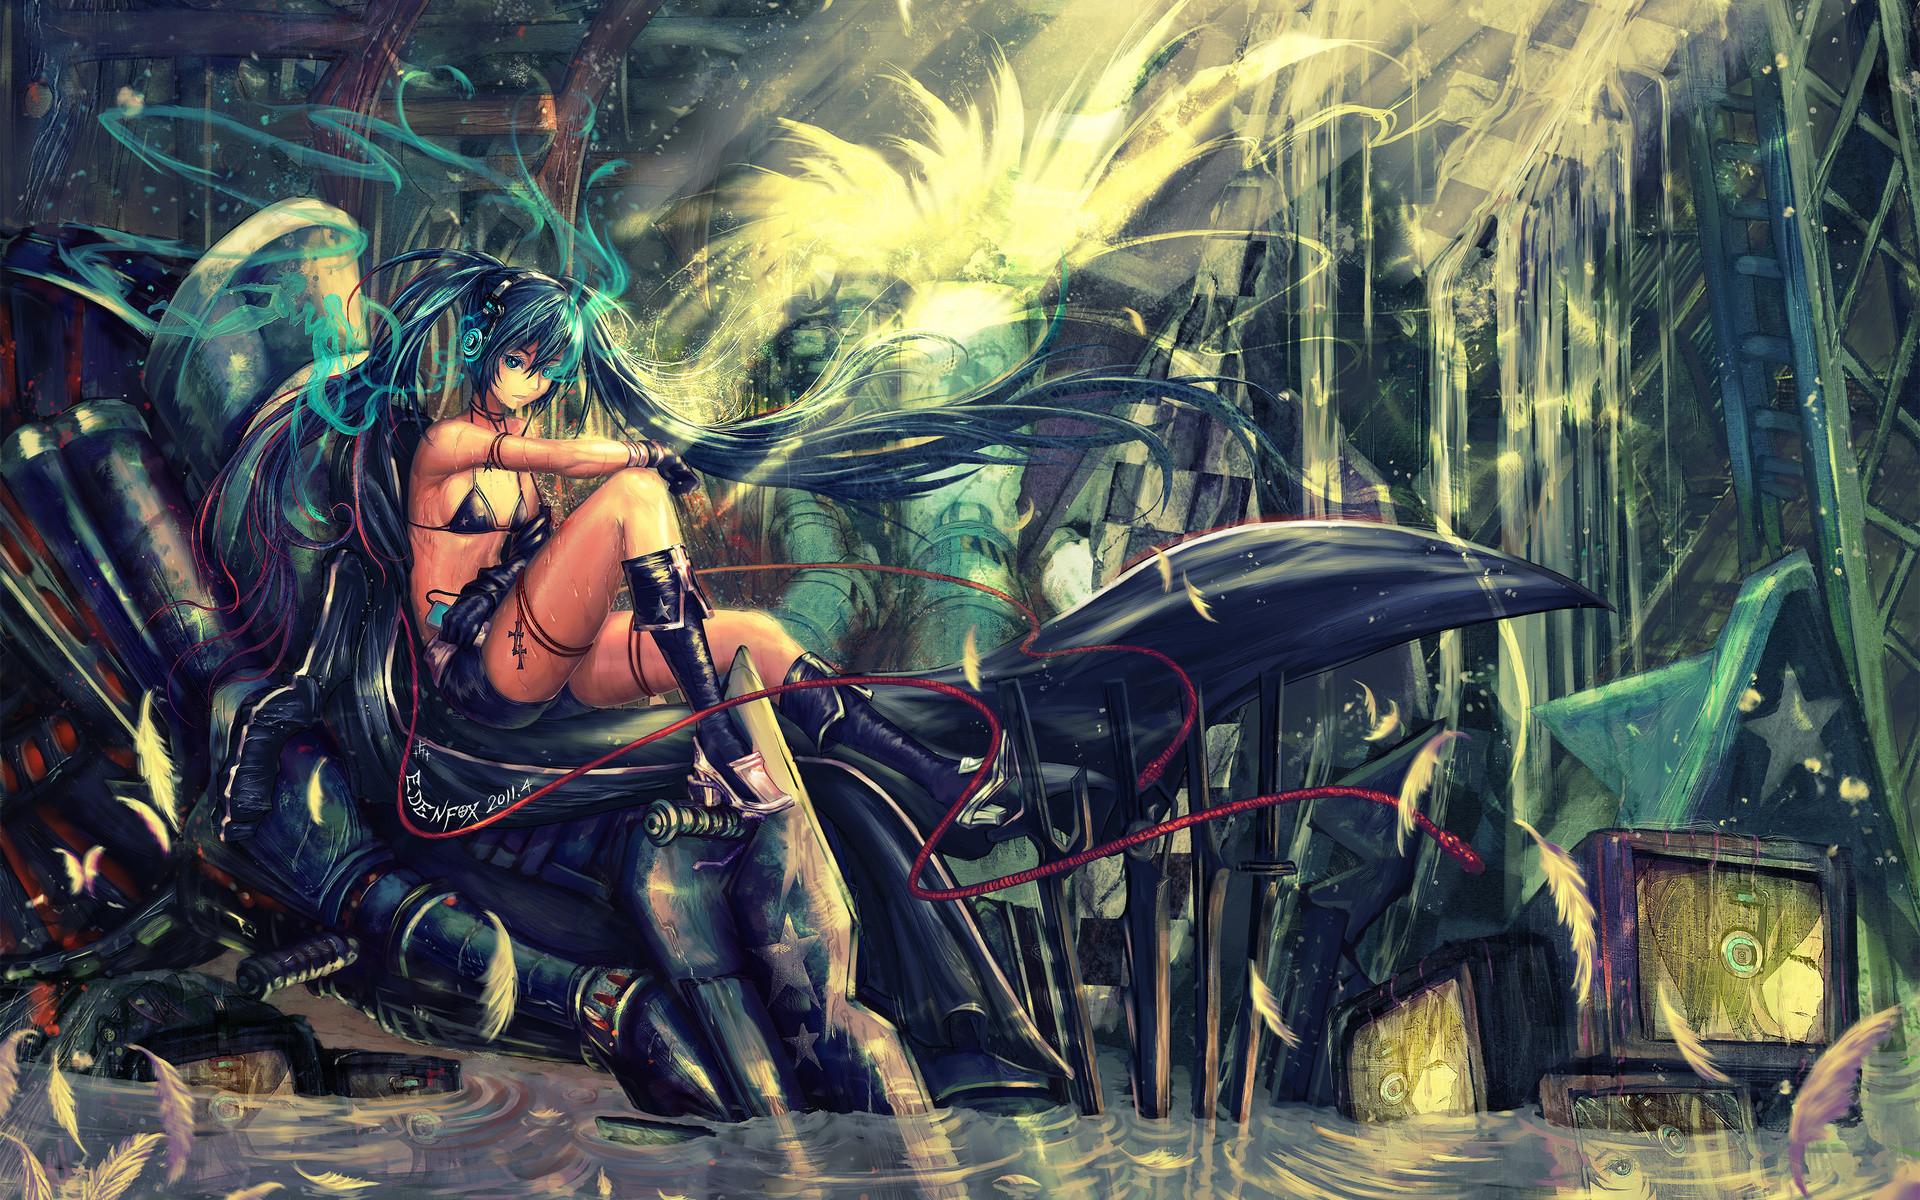 Black Rock Shooter 6 anime manga game girls mech fantasy sci fi science  wallpaper | | 27739 | WallpaperUP